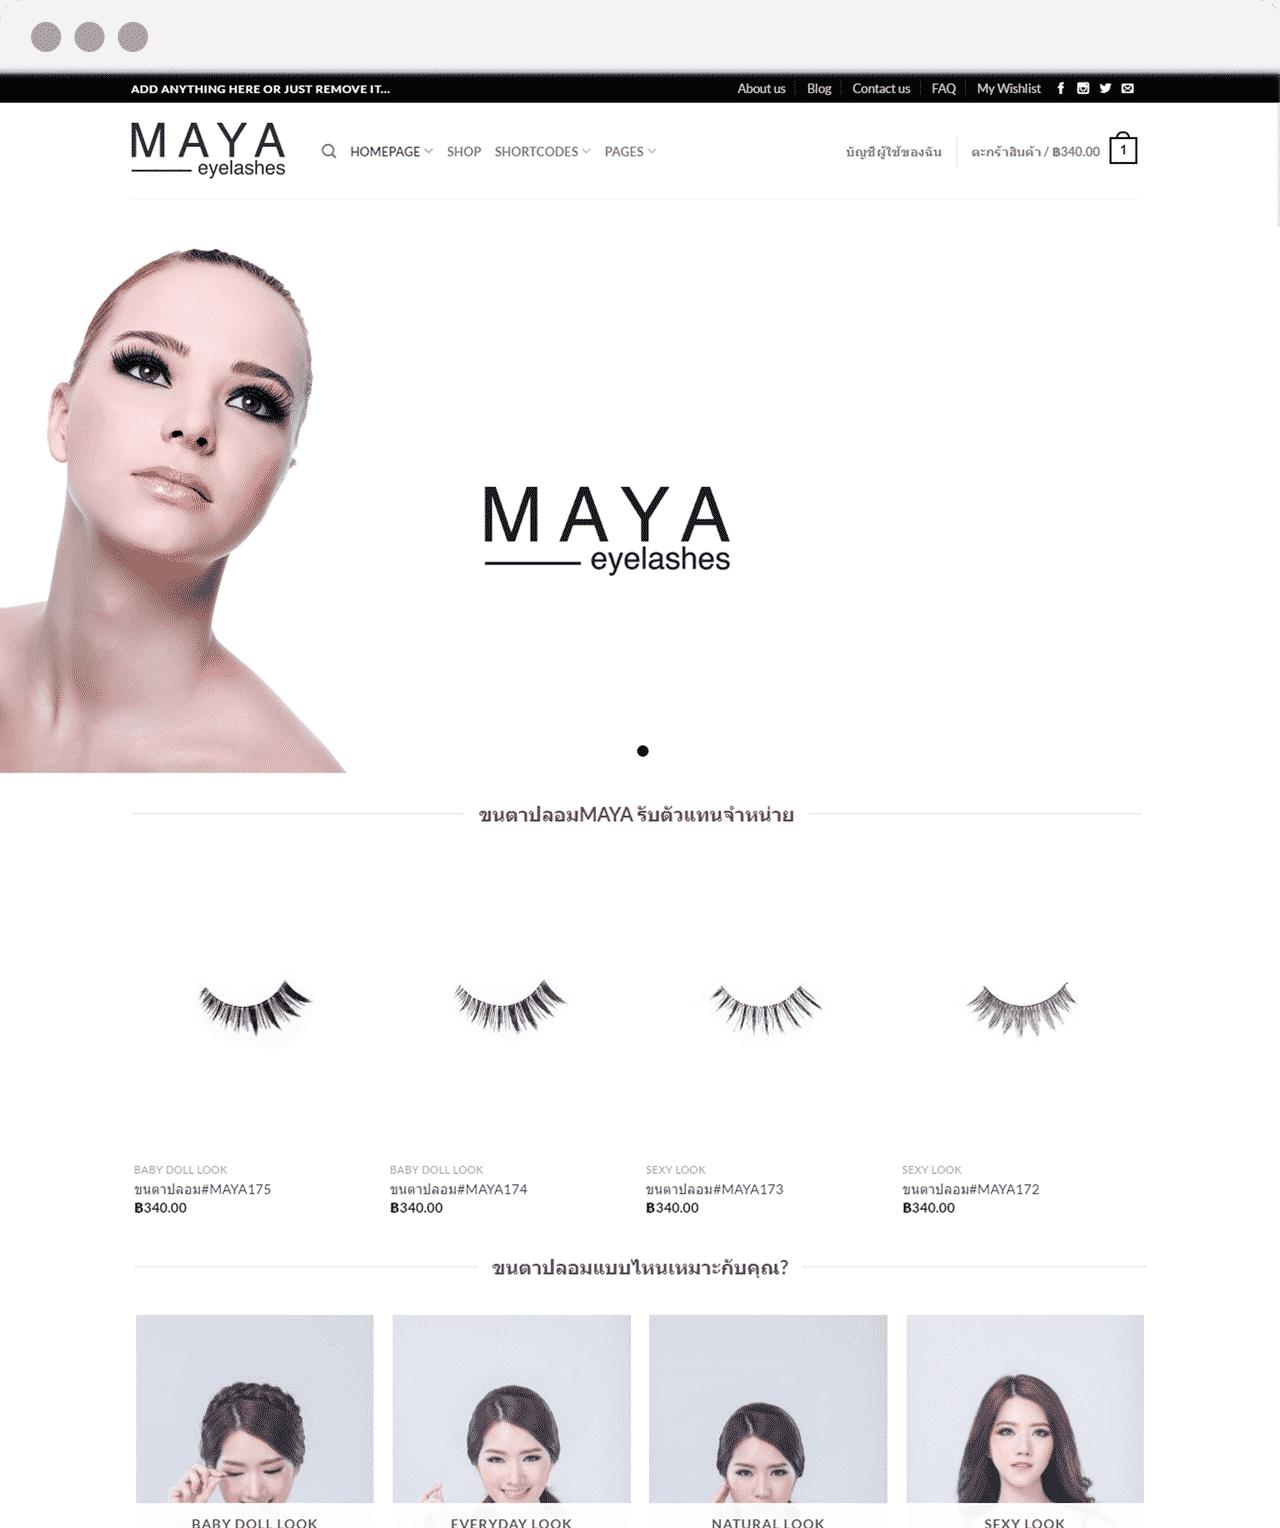 รับทำเว็บไซต์ maya-collection.com